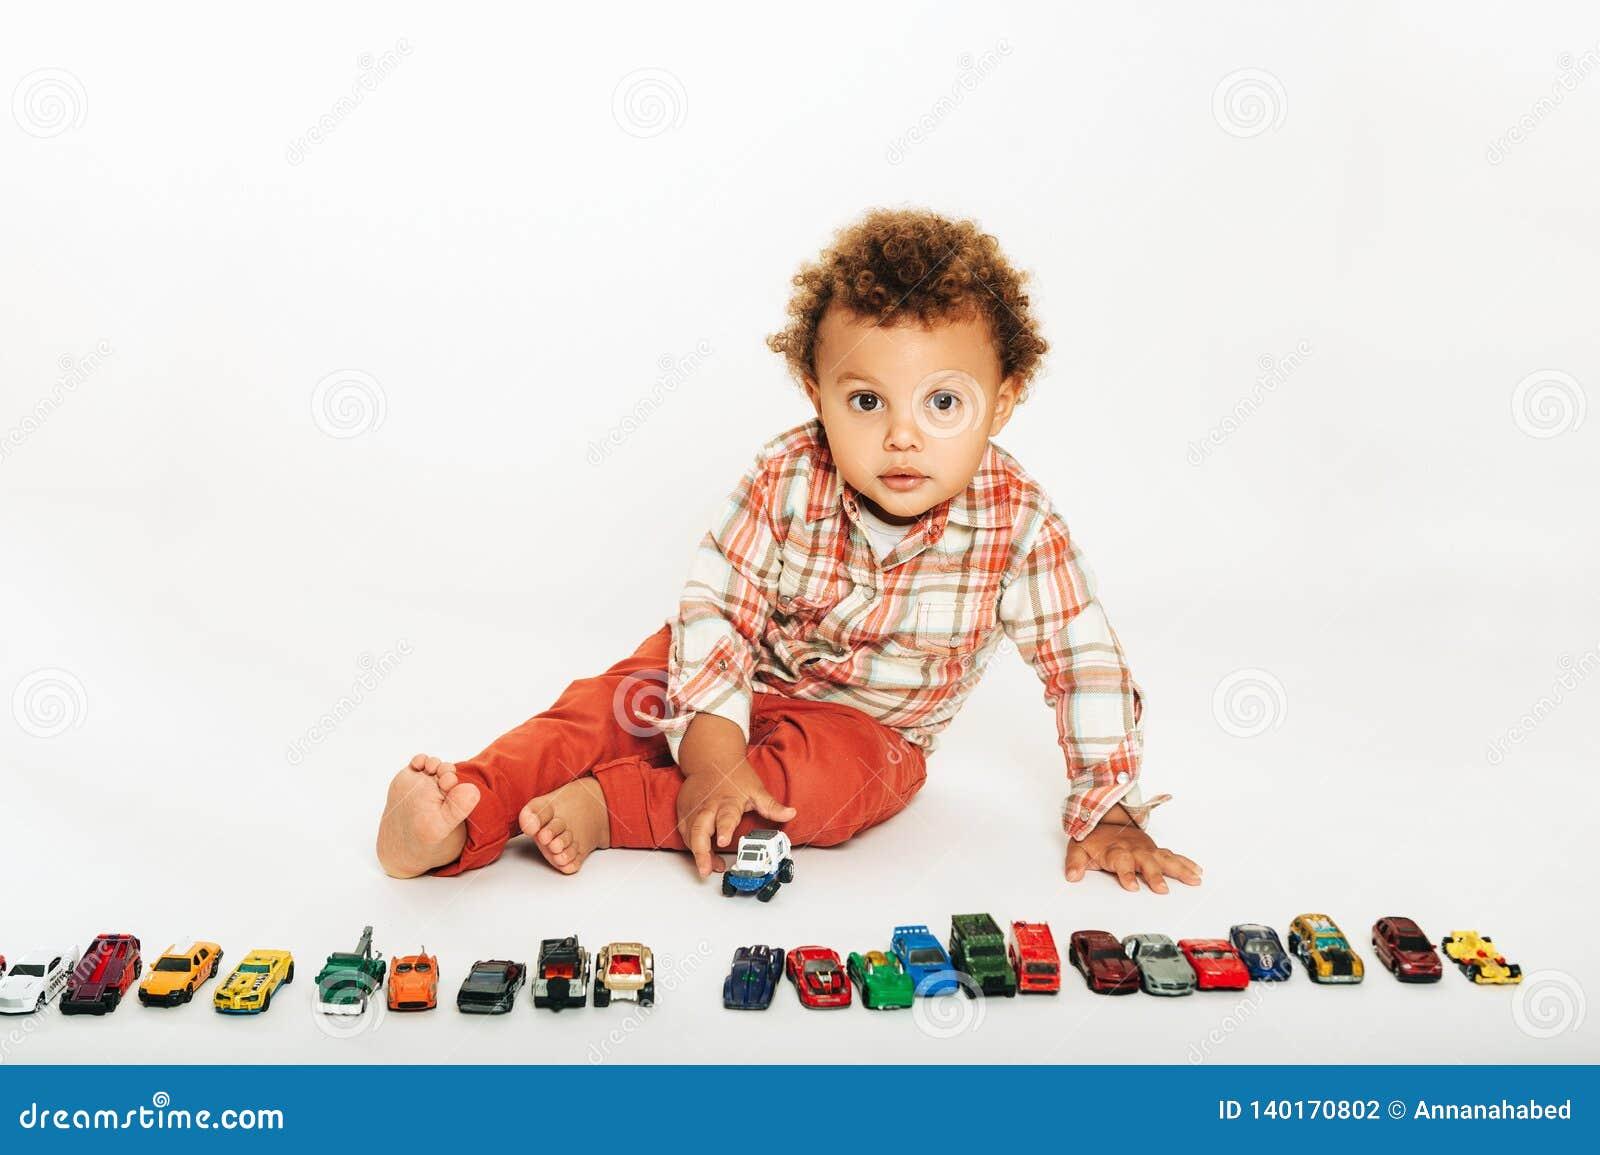 Estúdio disparado do bebê africano adorável do bebê de um ano que joga com carros coloridos